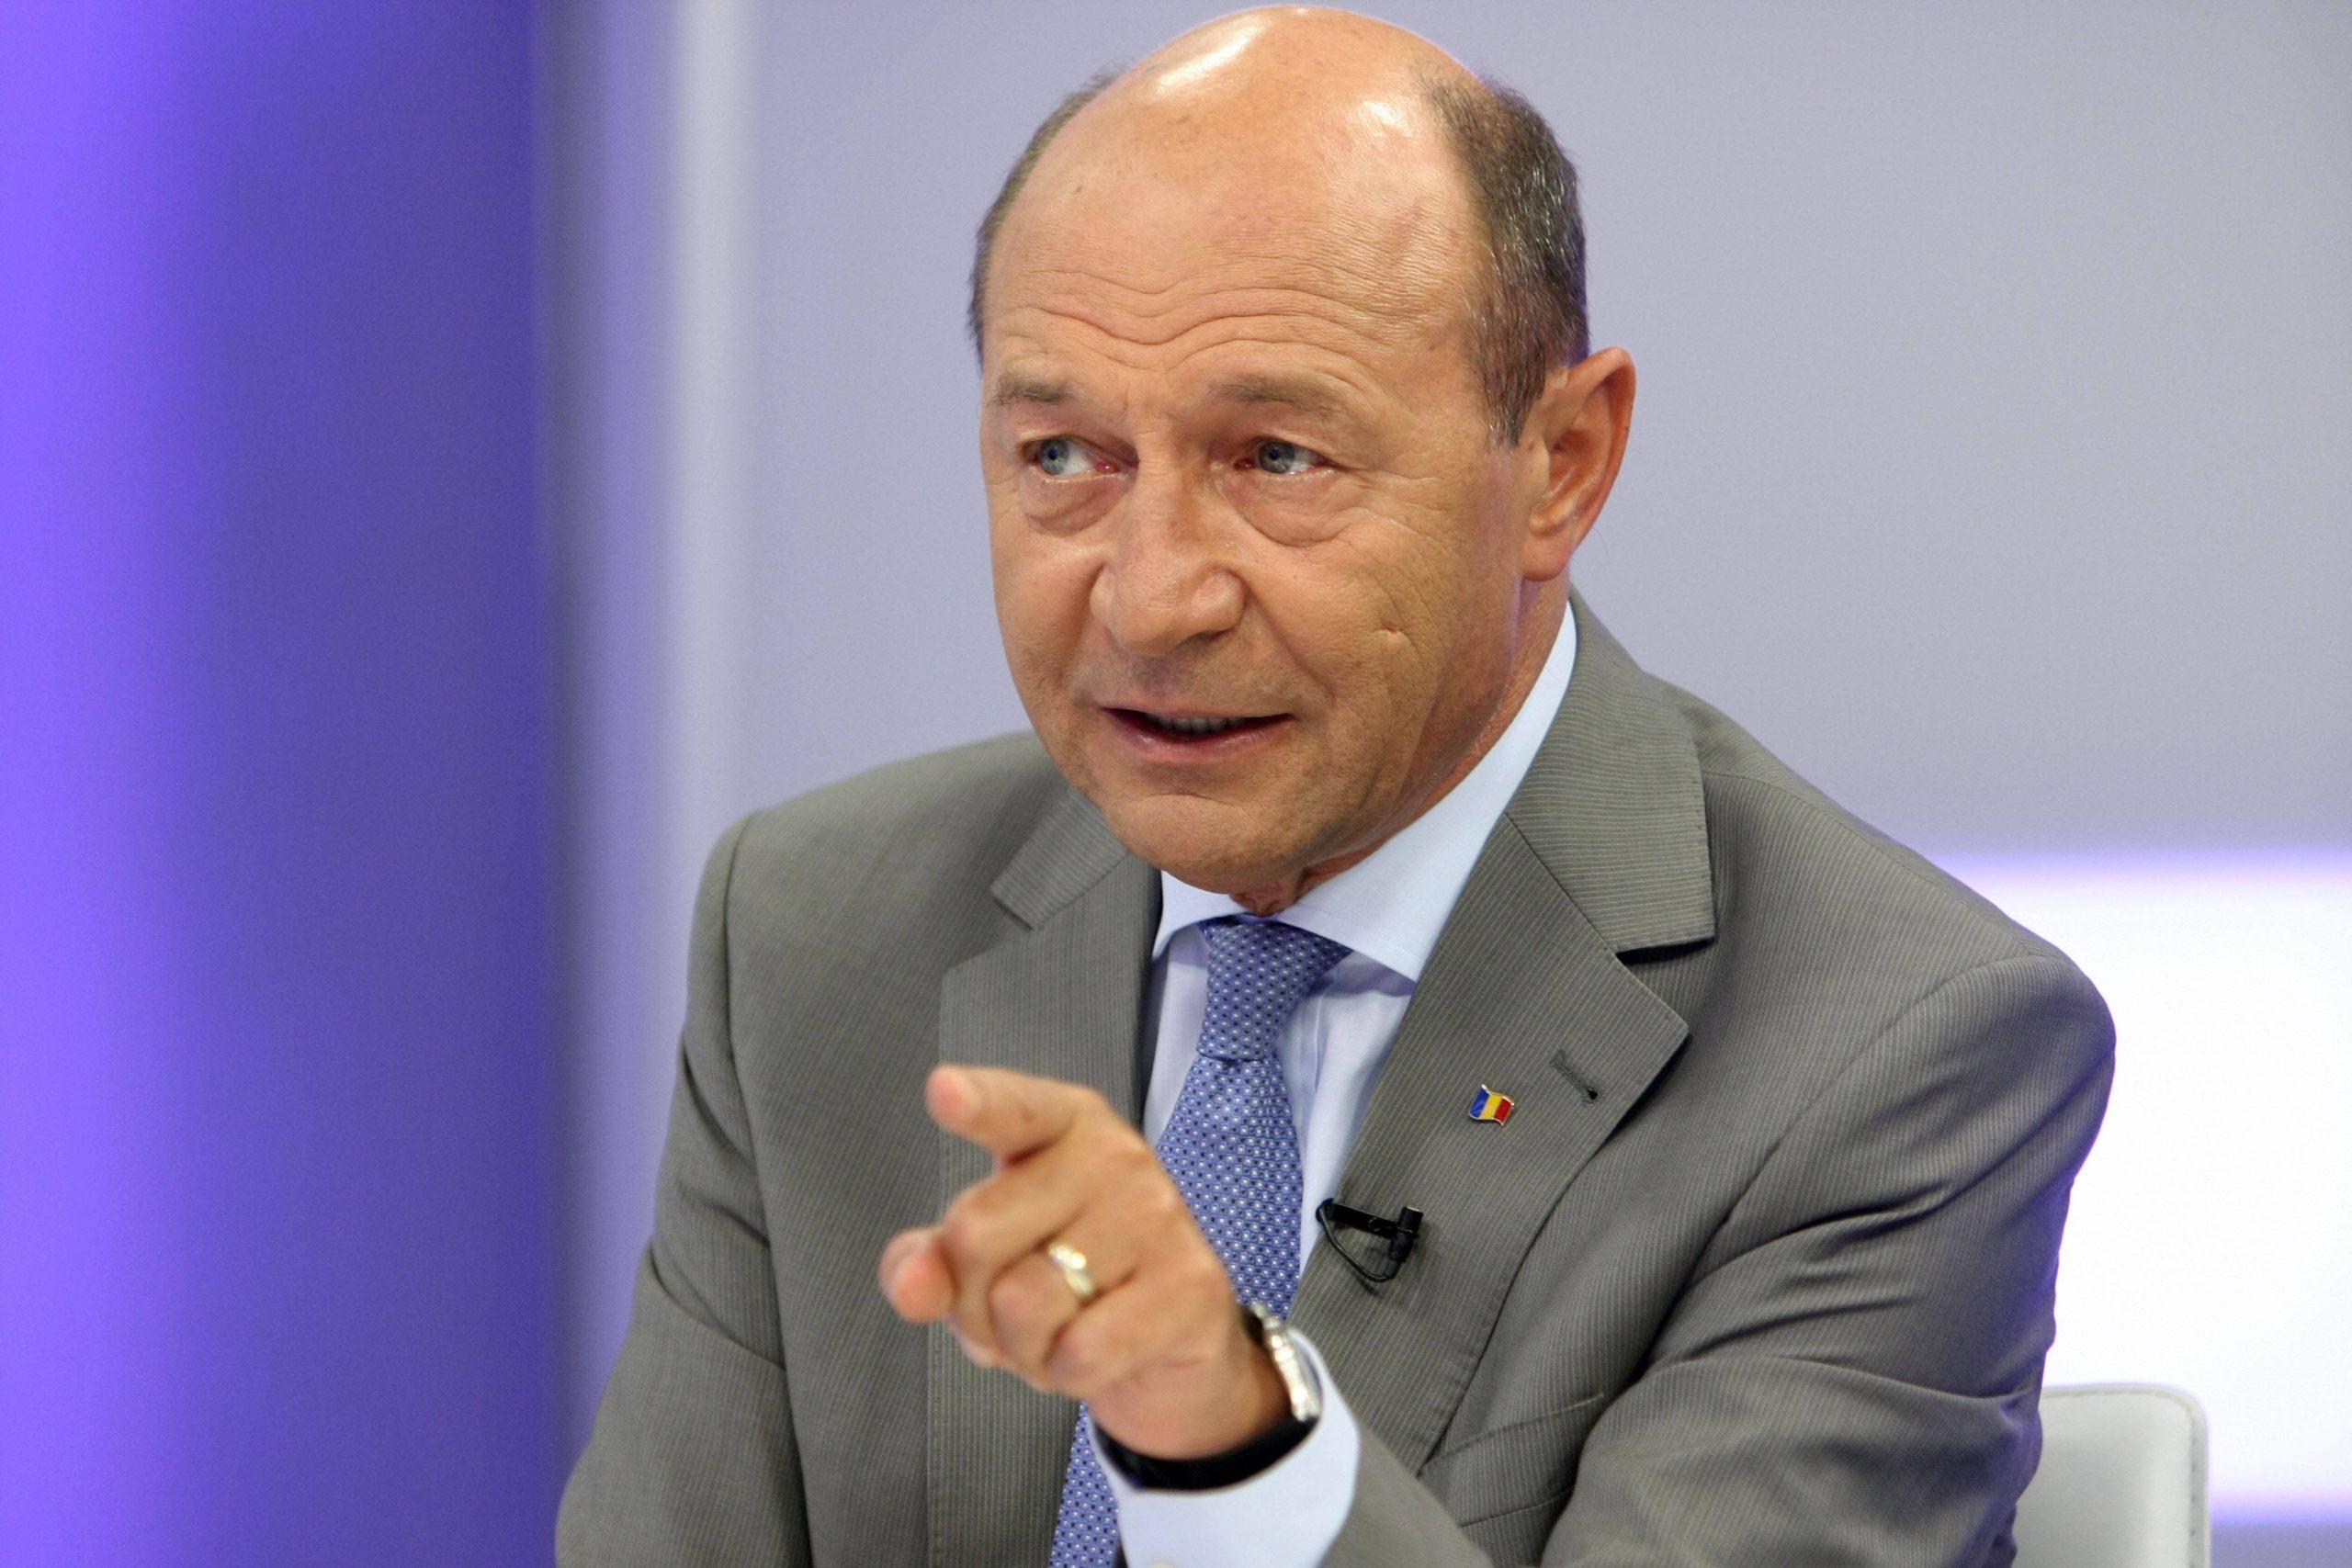 Traian Băsescu susține că starea de alertă nu este constituțională. Militează pentru reintroducerea carantinei